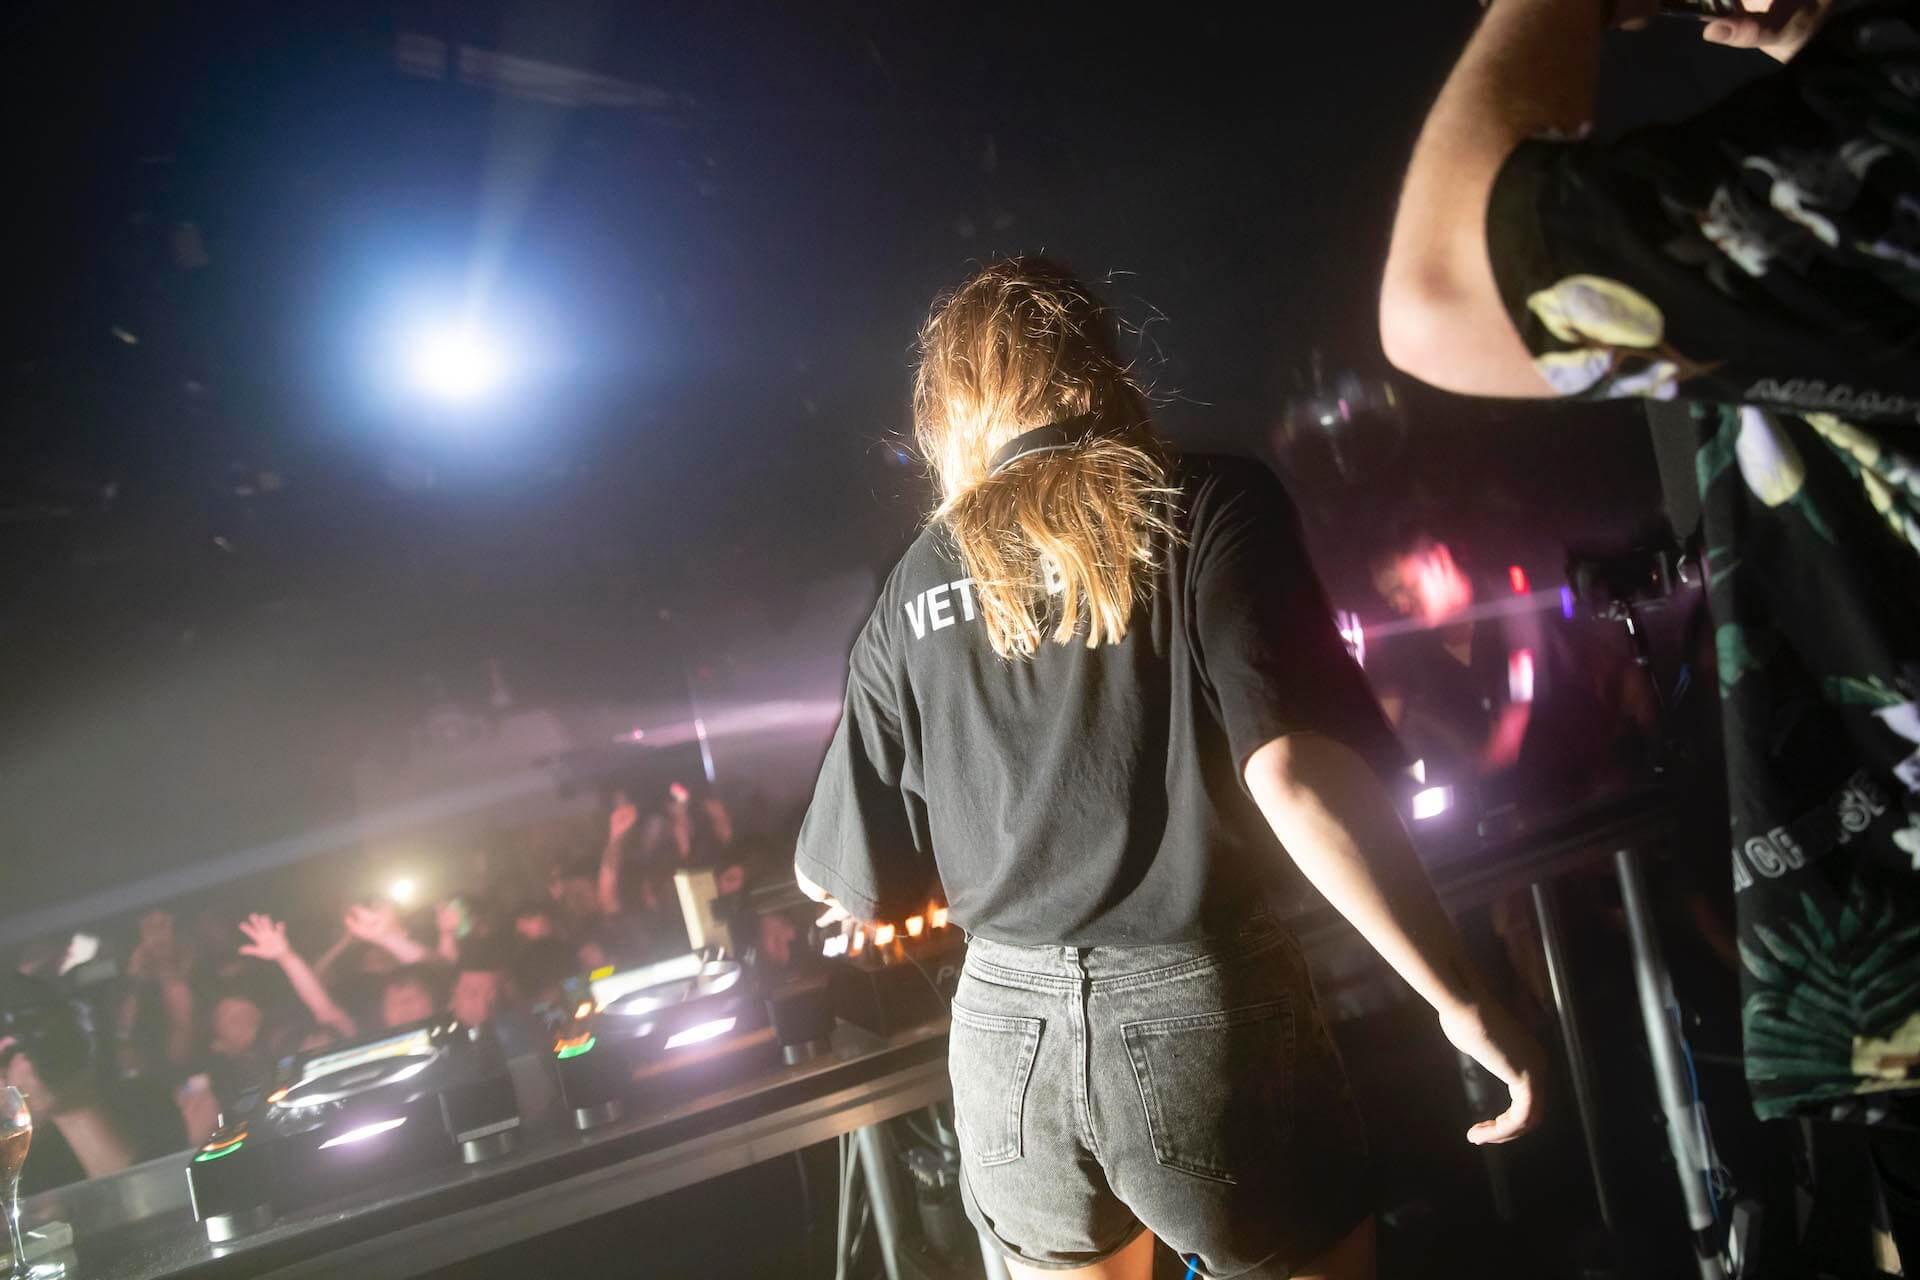 ベルギーの女性DJ・Charlotte de Witte×<ALIVE presents REBOOT>が東京のクラブナイトを再び更新する music190920_charlotte_14